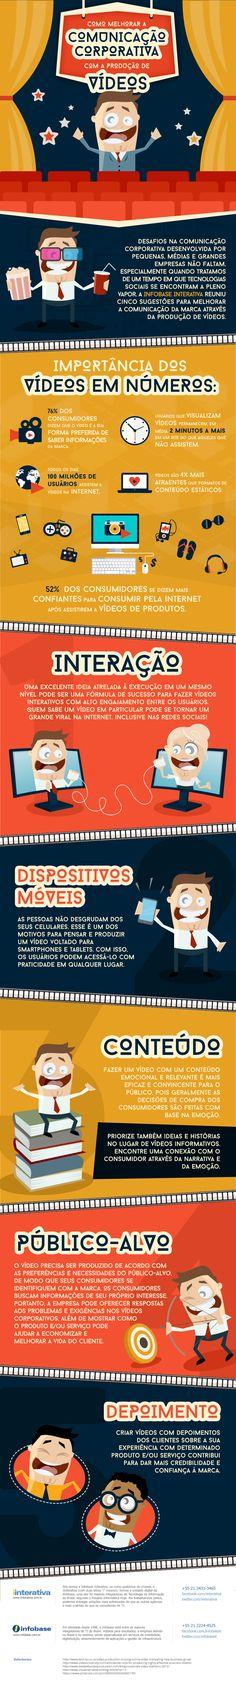 infografico-producao-videos...76% dos consumidores dizem que o vídeo é a sua forma preferida de saber informações da marca.